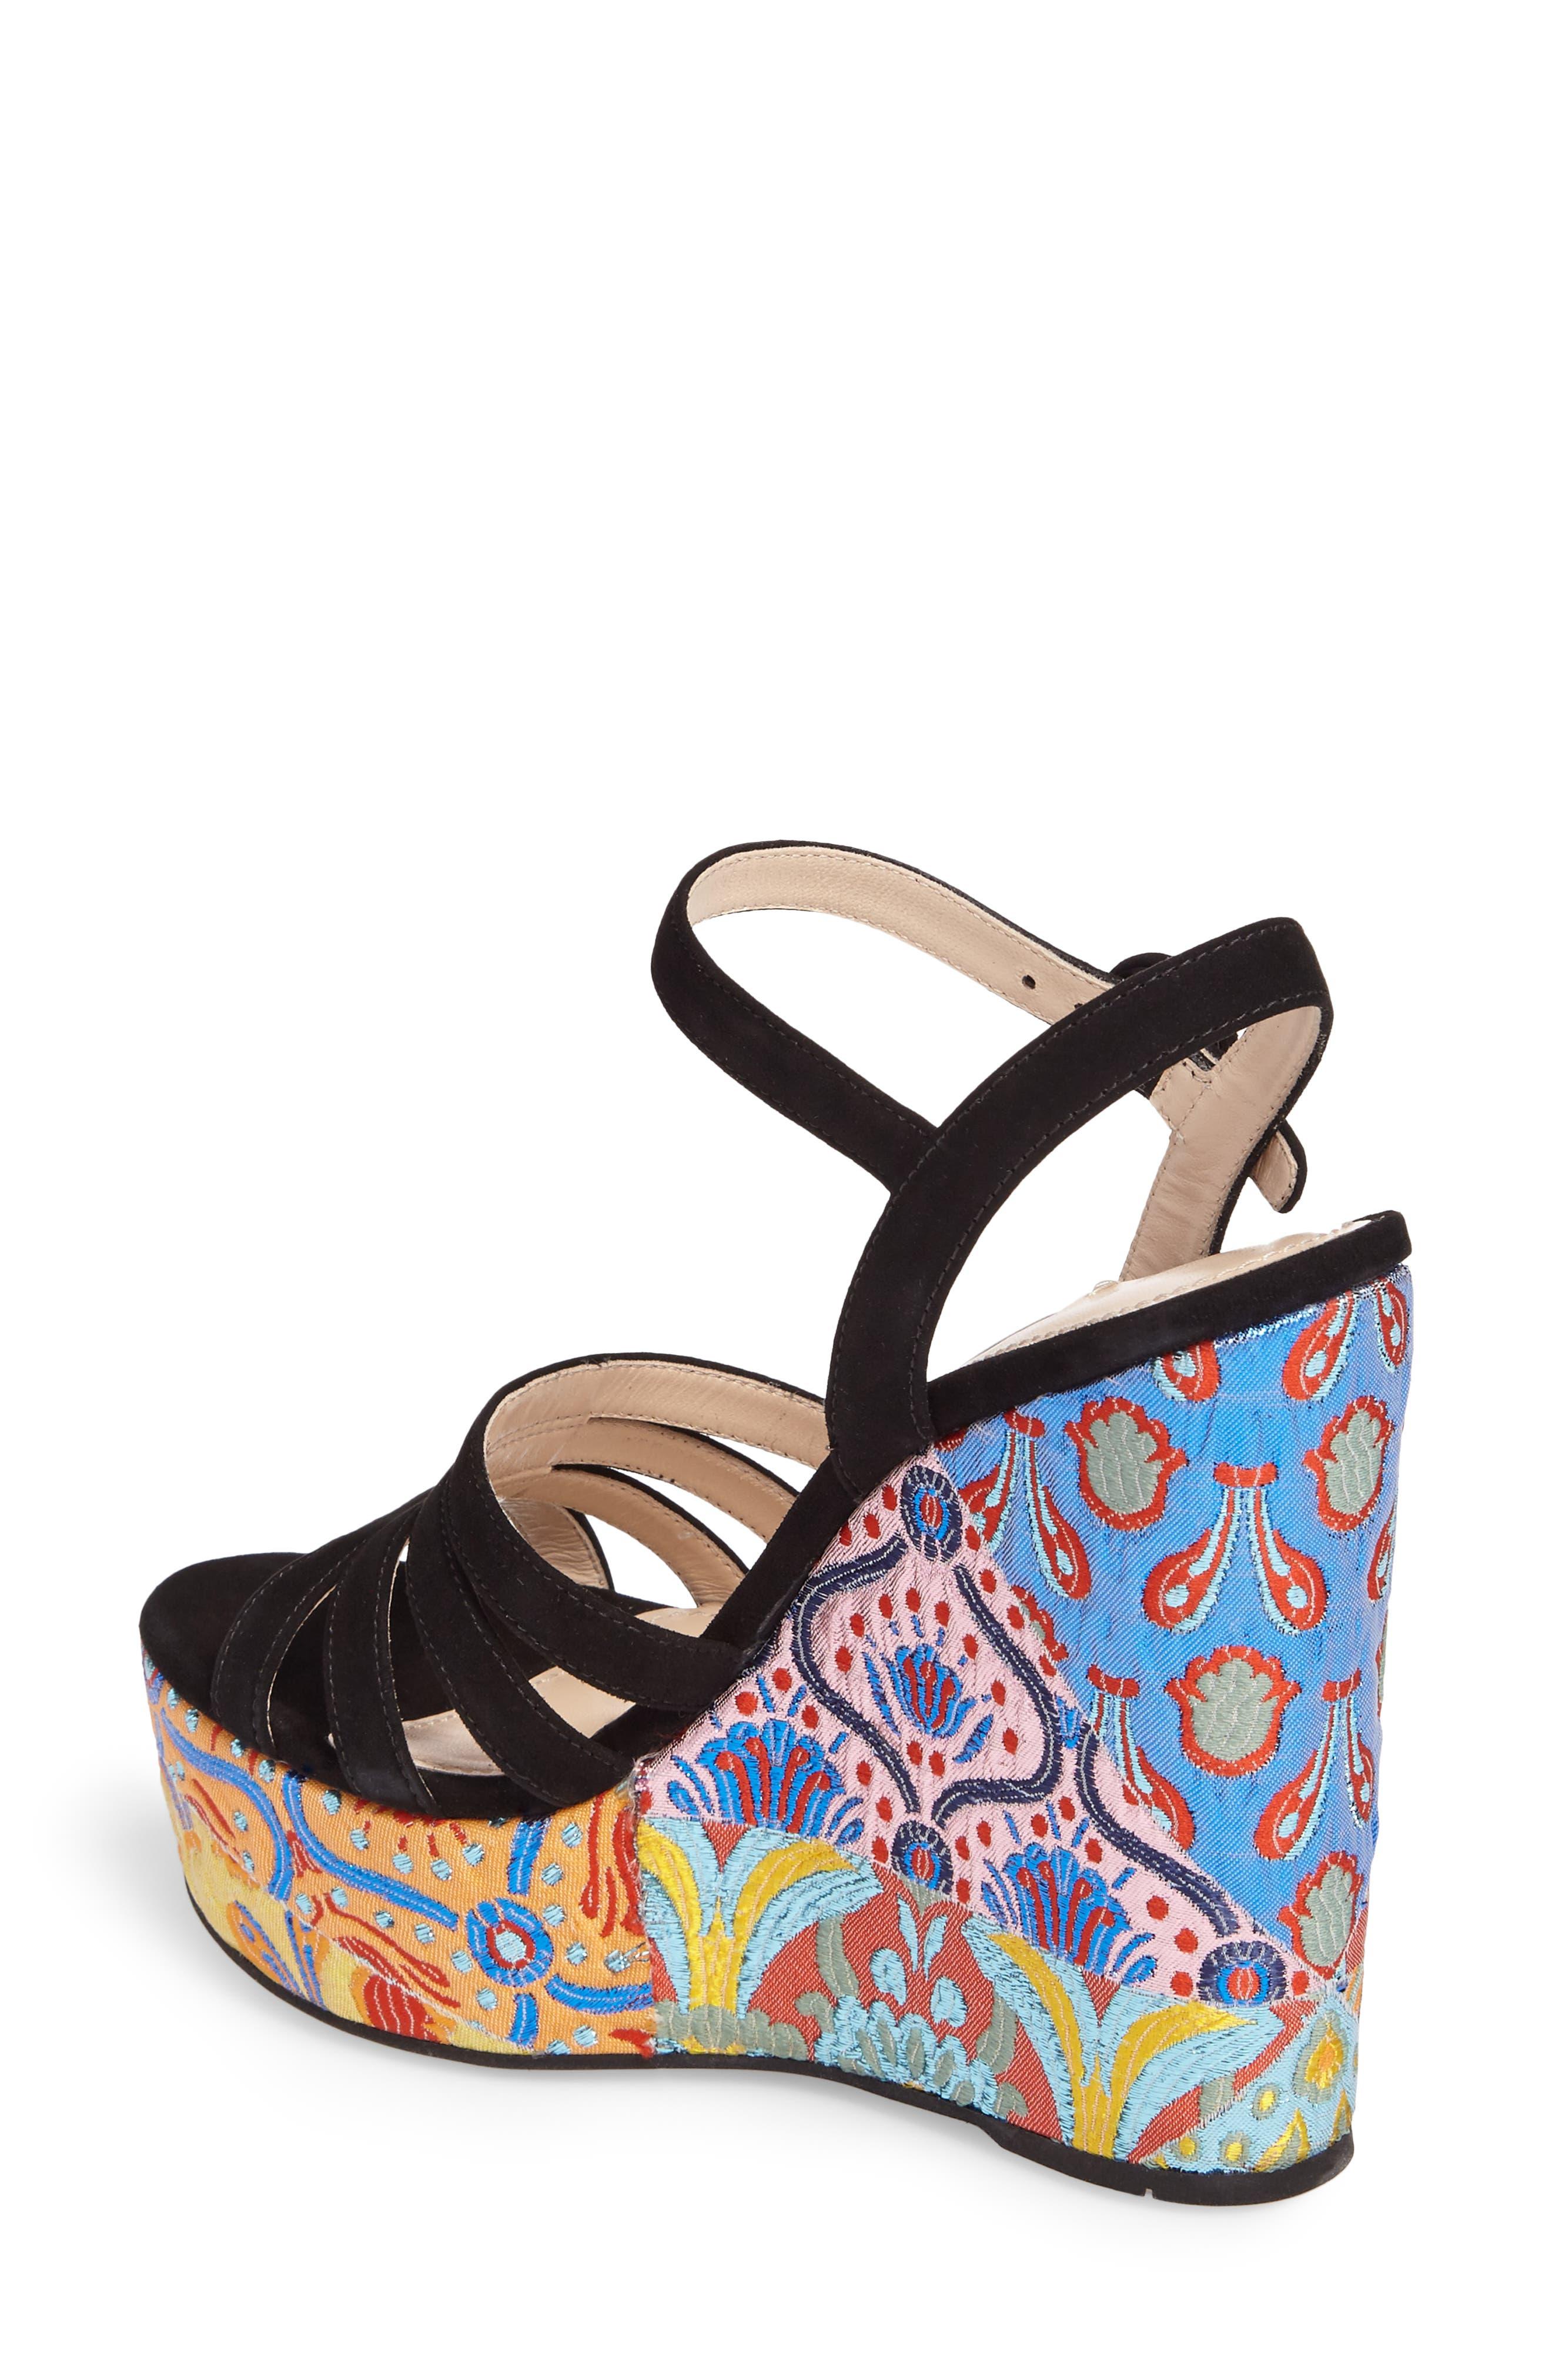 Floral Platform Wedge Sandal,                             Alternate thumbnail 2, color,                             002